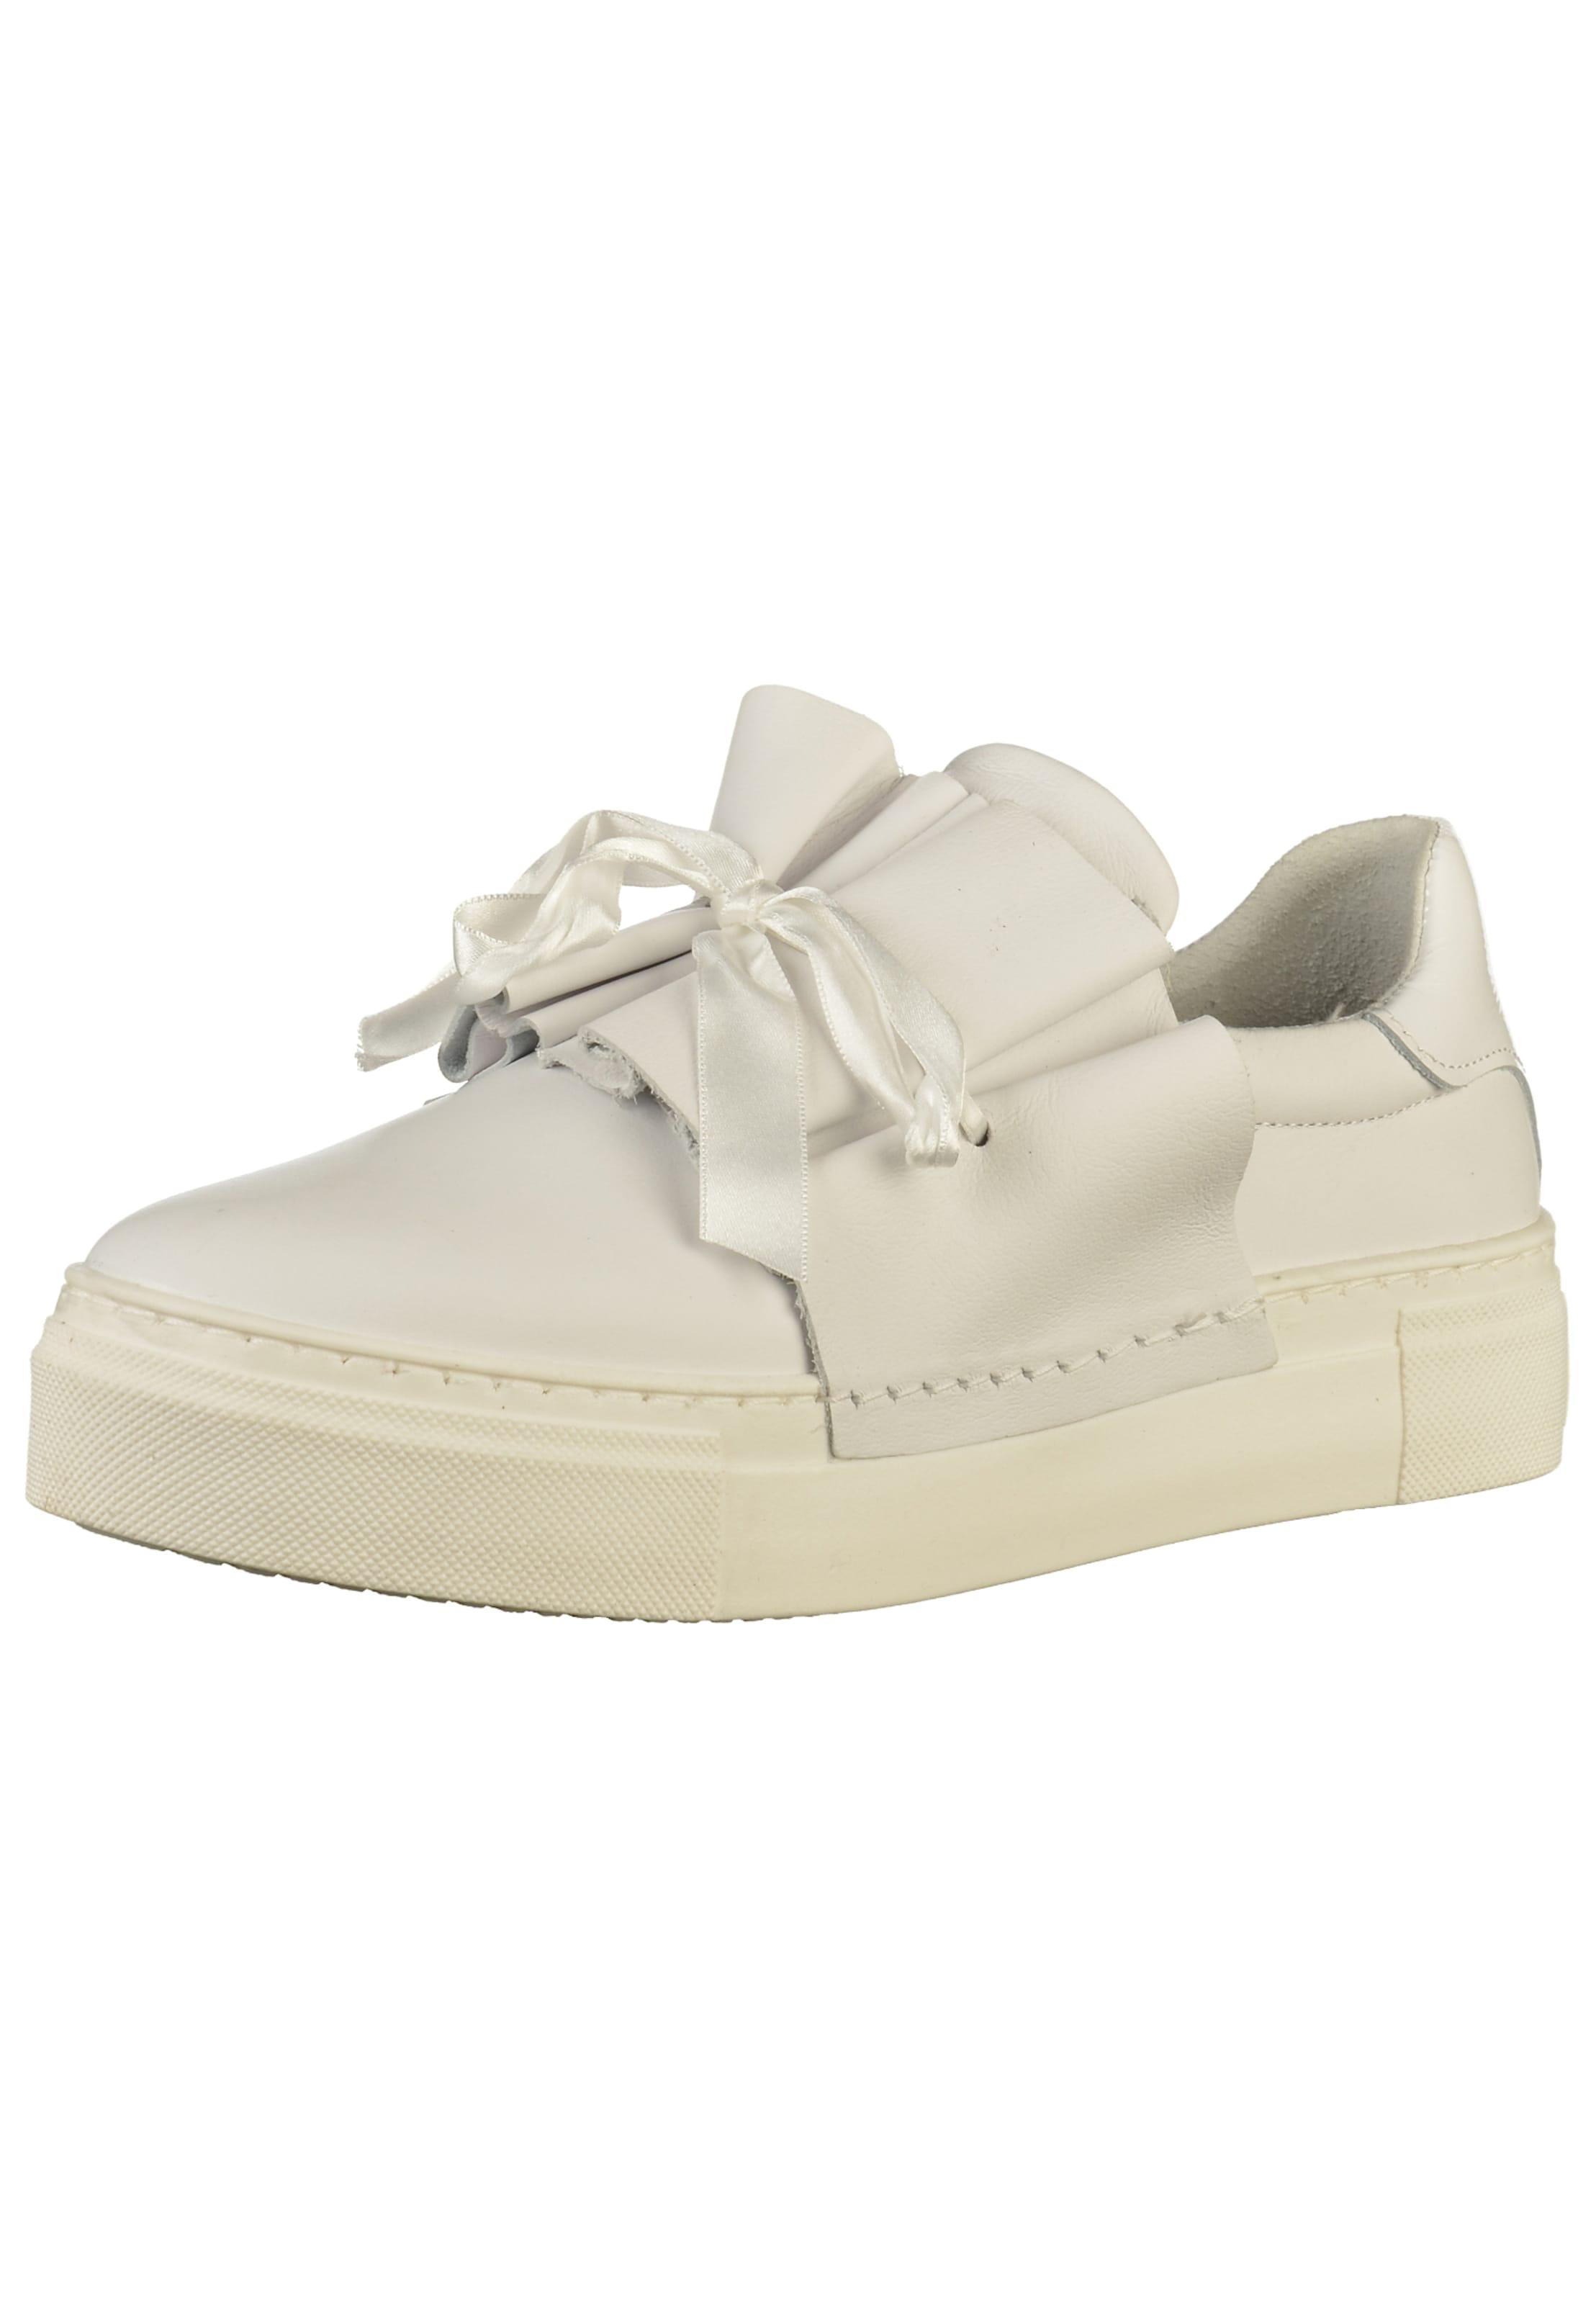 BULLBOXER Sneaker Günstige und langlebige Schuhe